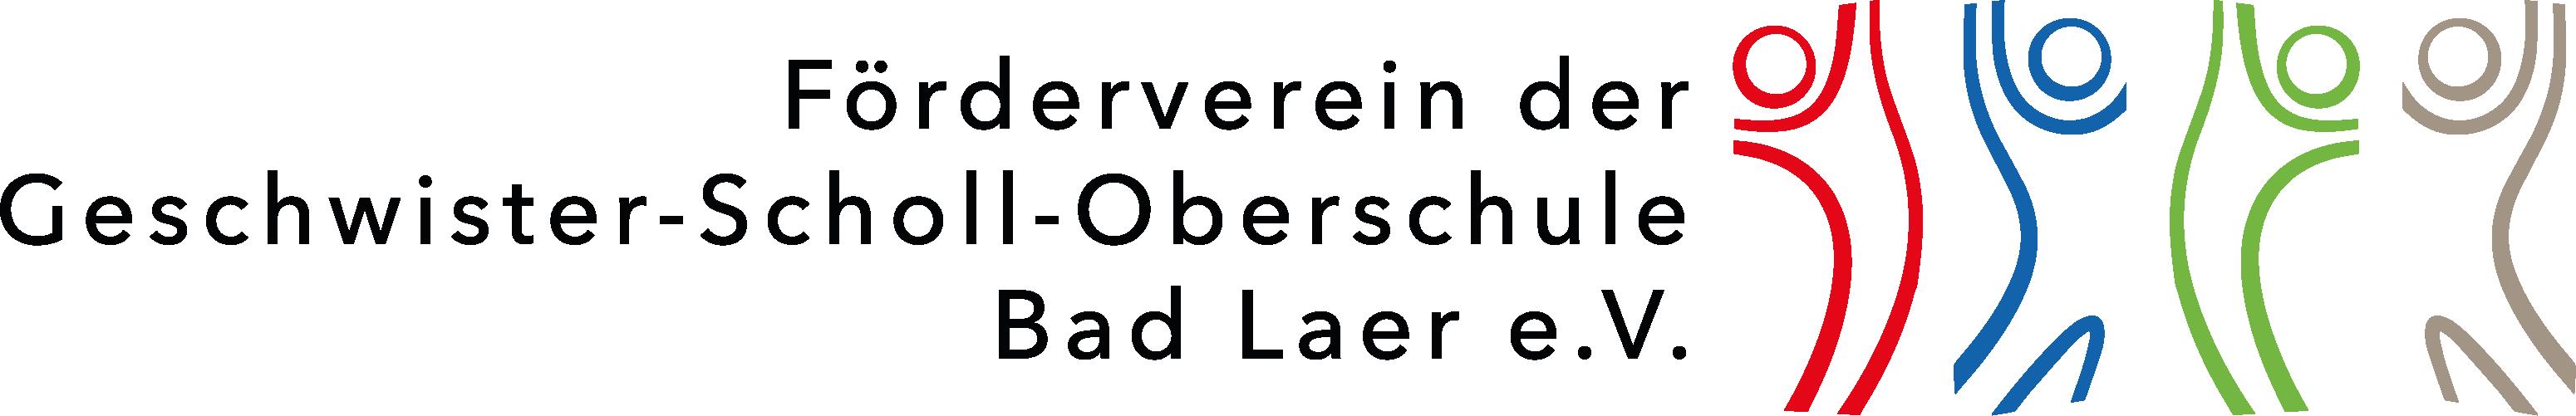 Förderverein der Geschwister-Scholl-Oberschule Bad Laer e.V.